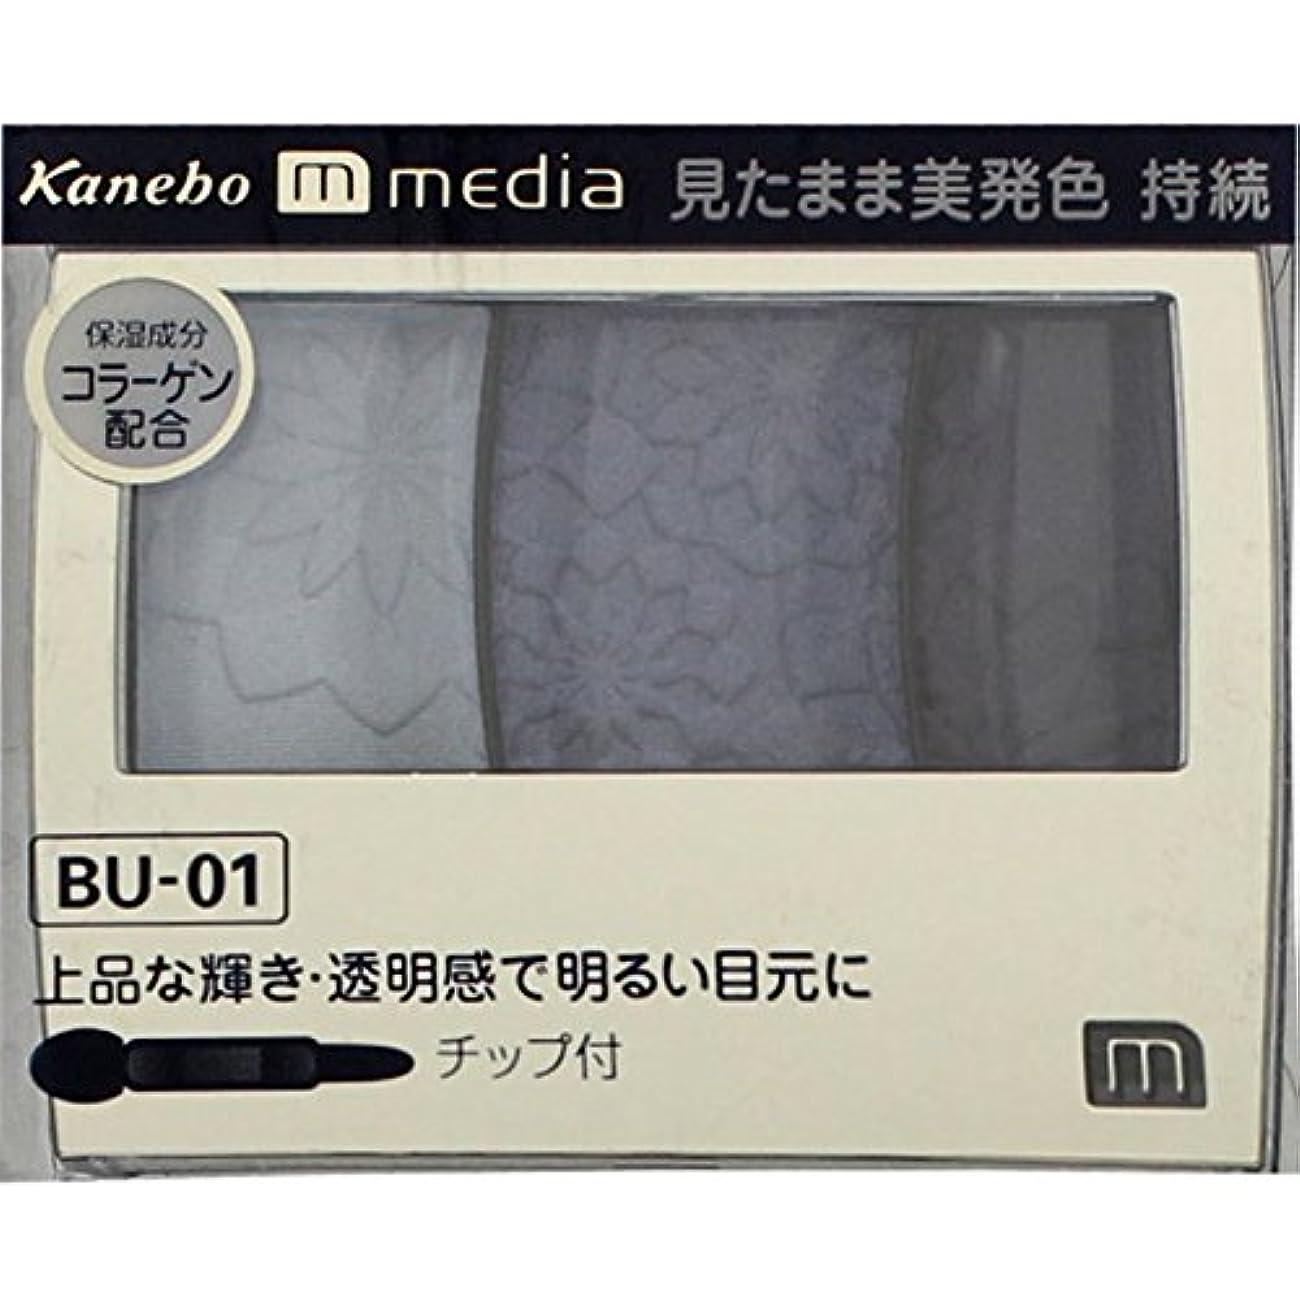 つまずくジャグリング連隊【カネボウ】 メディア グラデカラーアイシャドウ BU-01